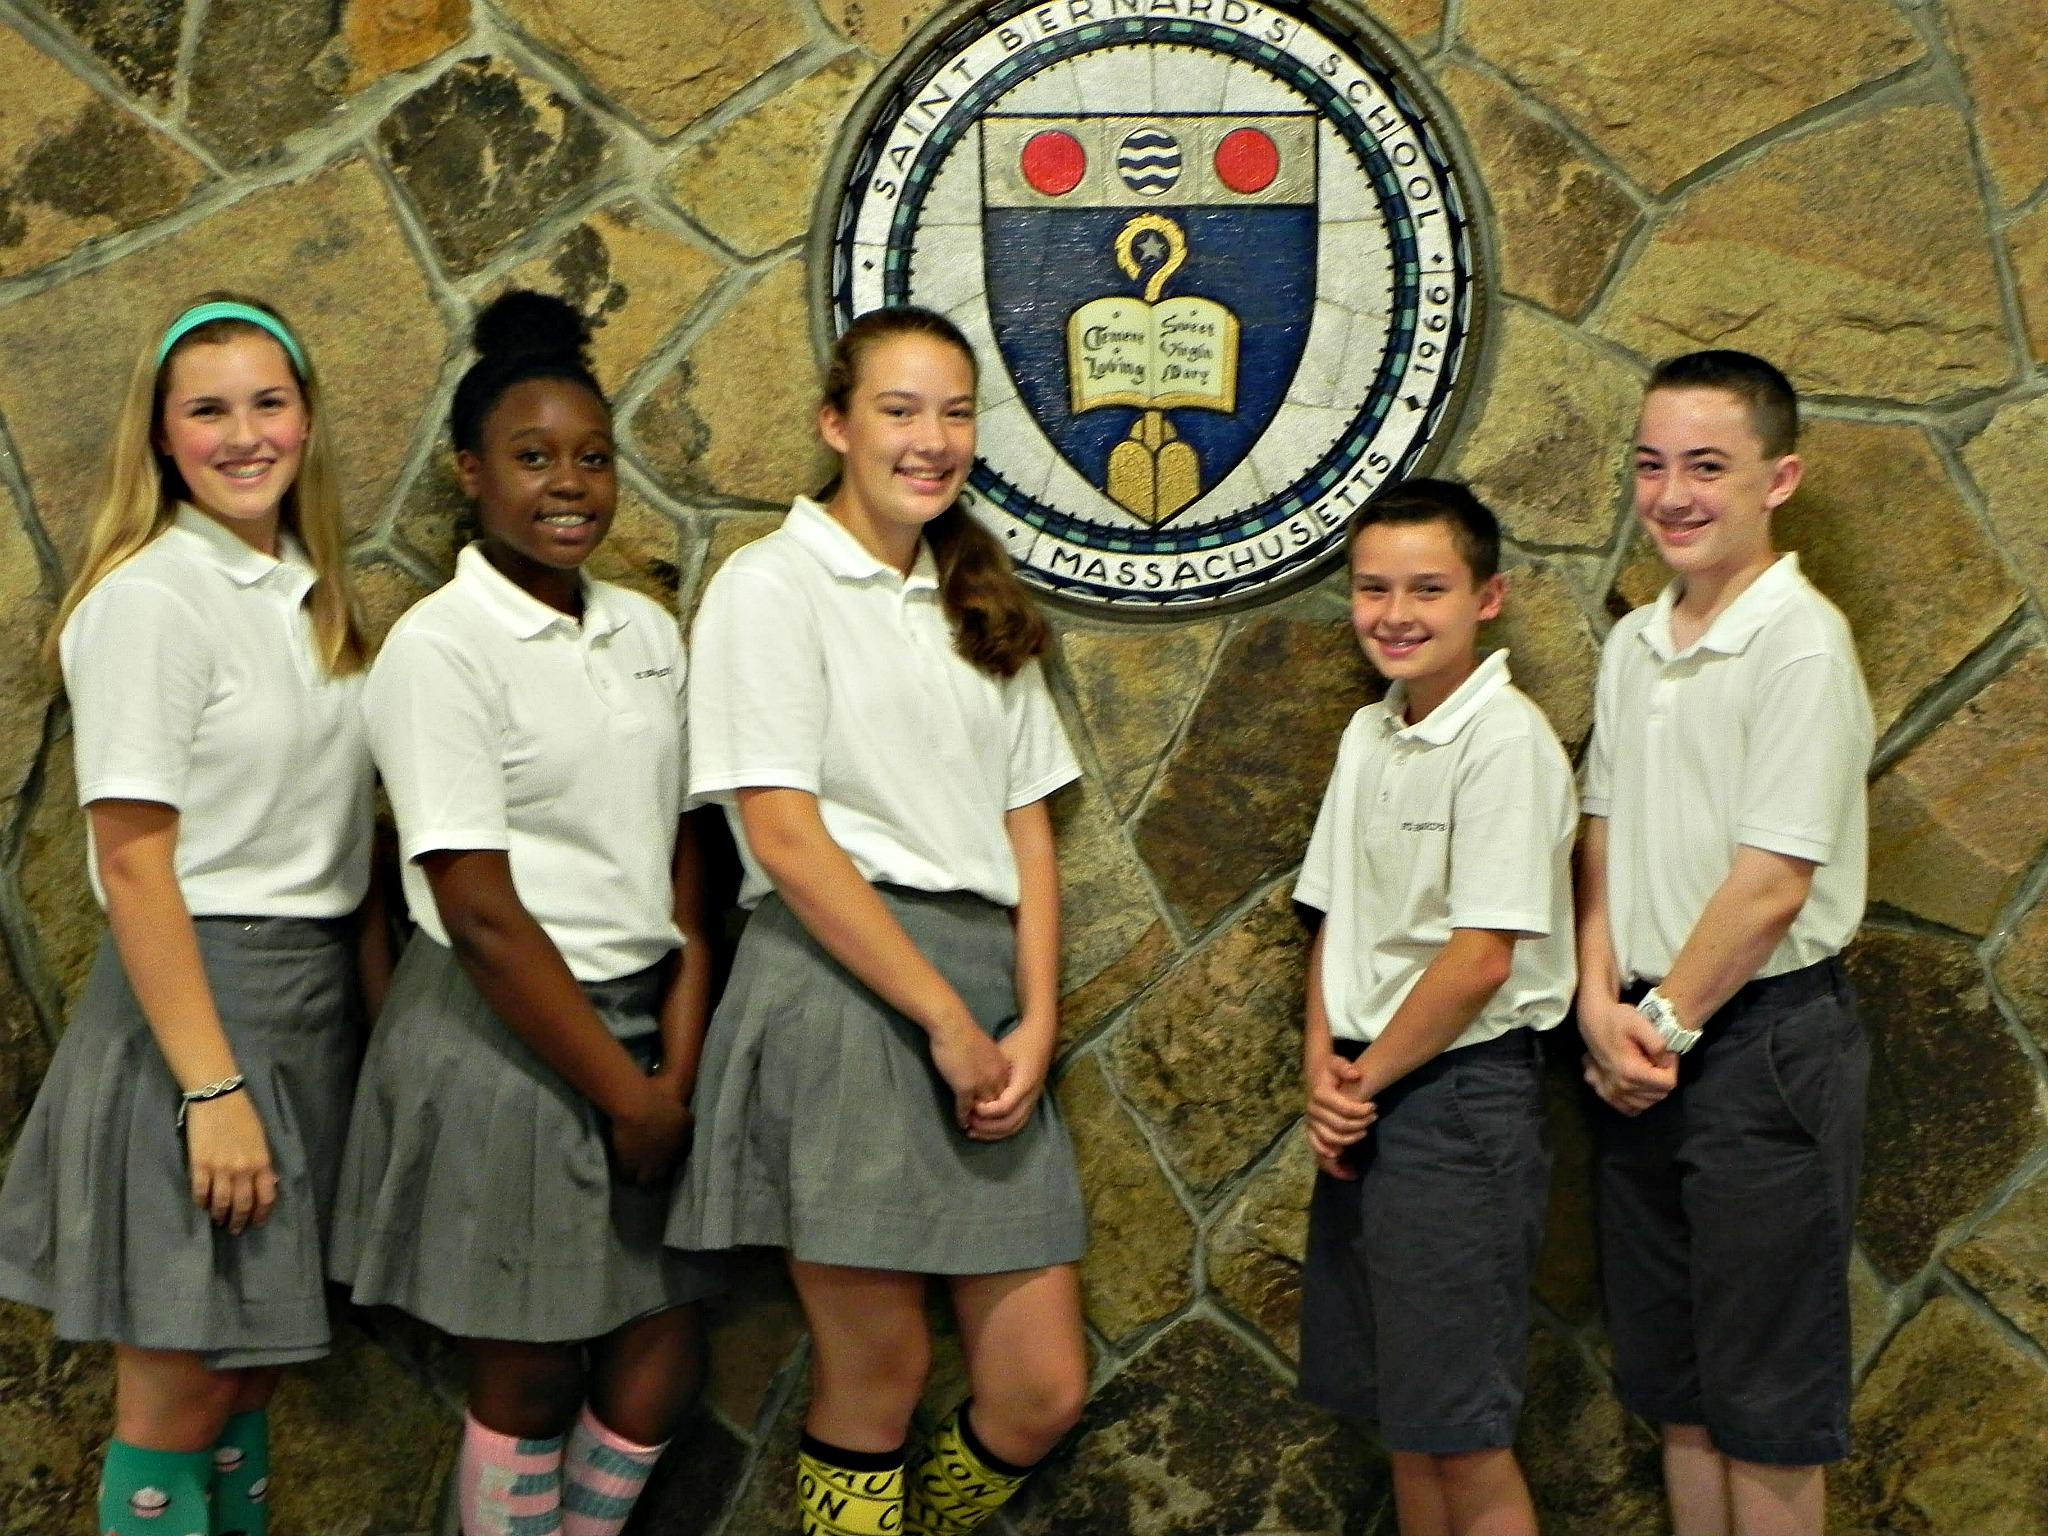 Grade 8 Class Officers St Bernards Elementary School